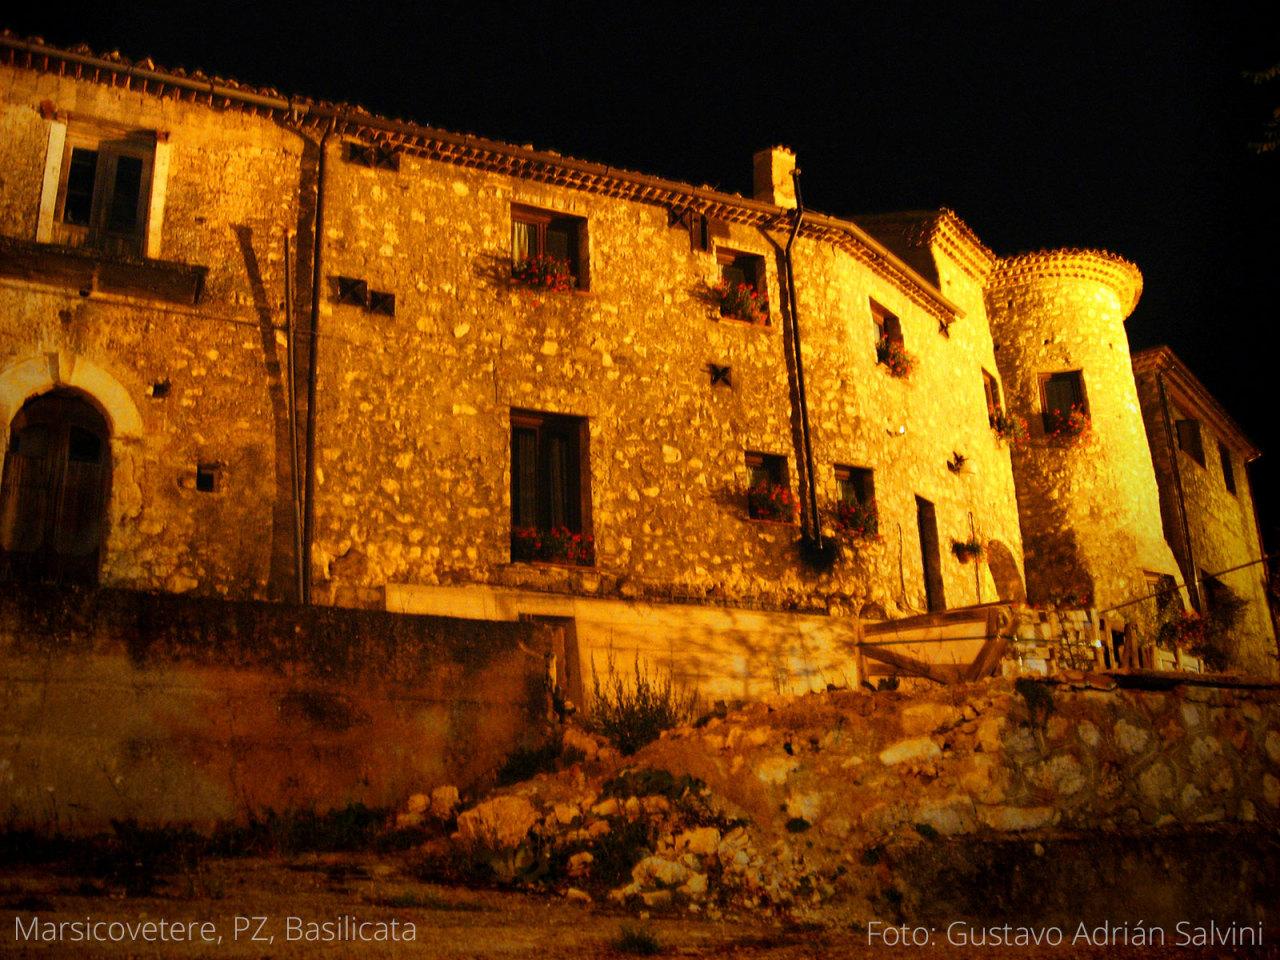 Marsicovetere, Provincia di Potenza, Basilicata